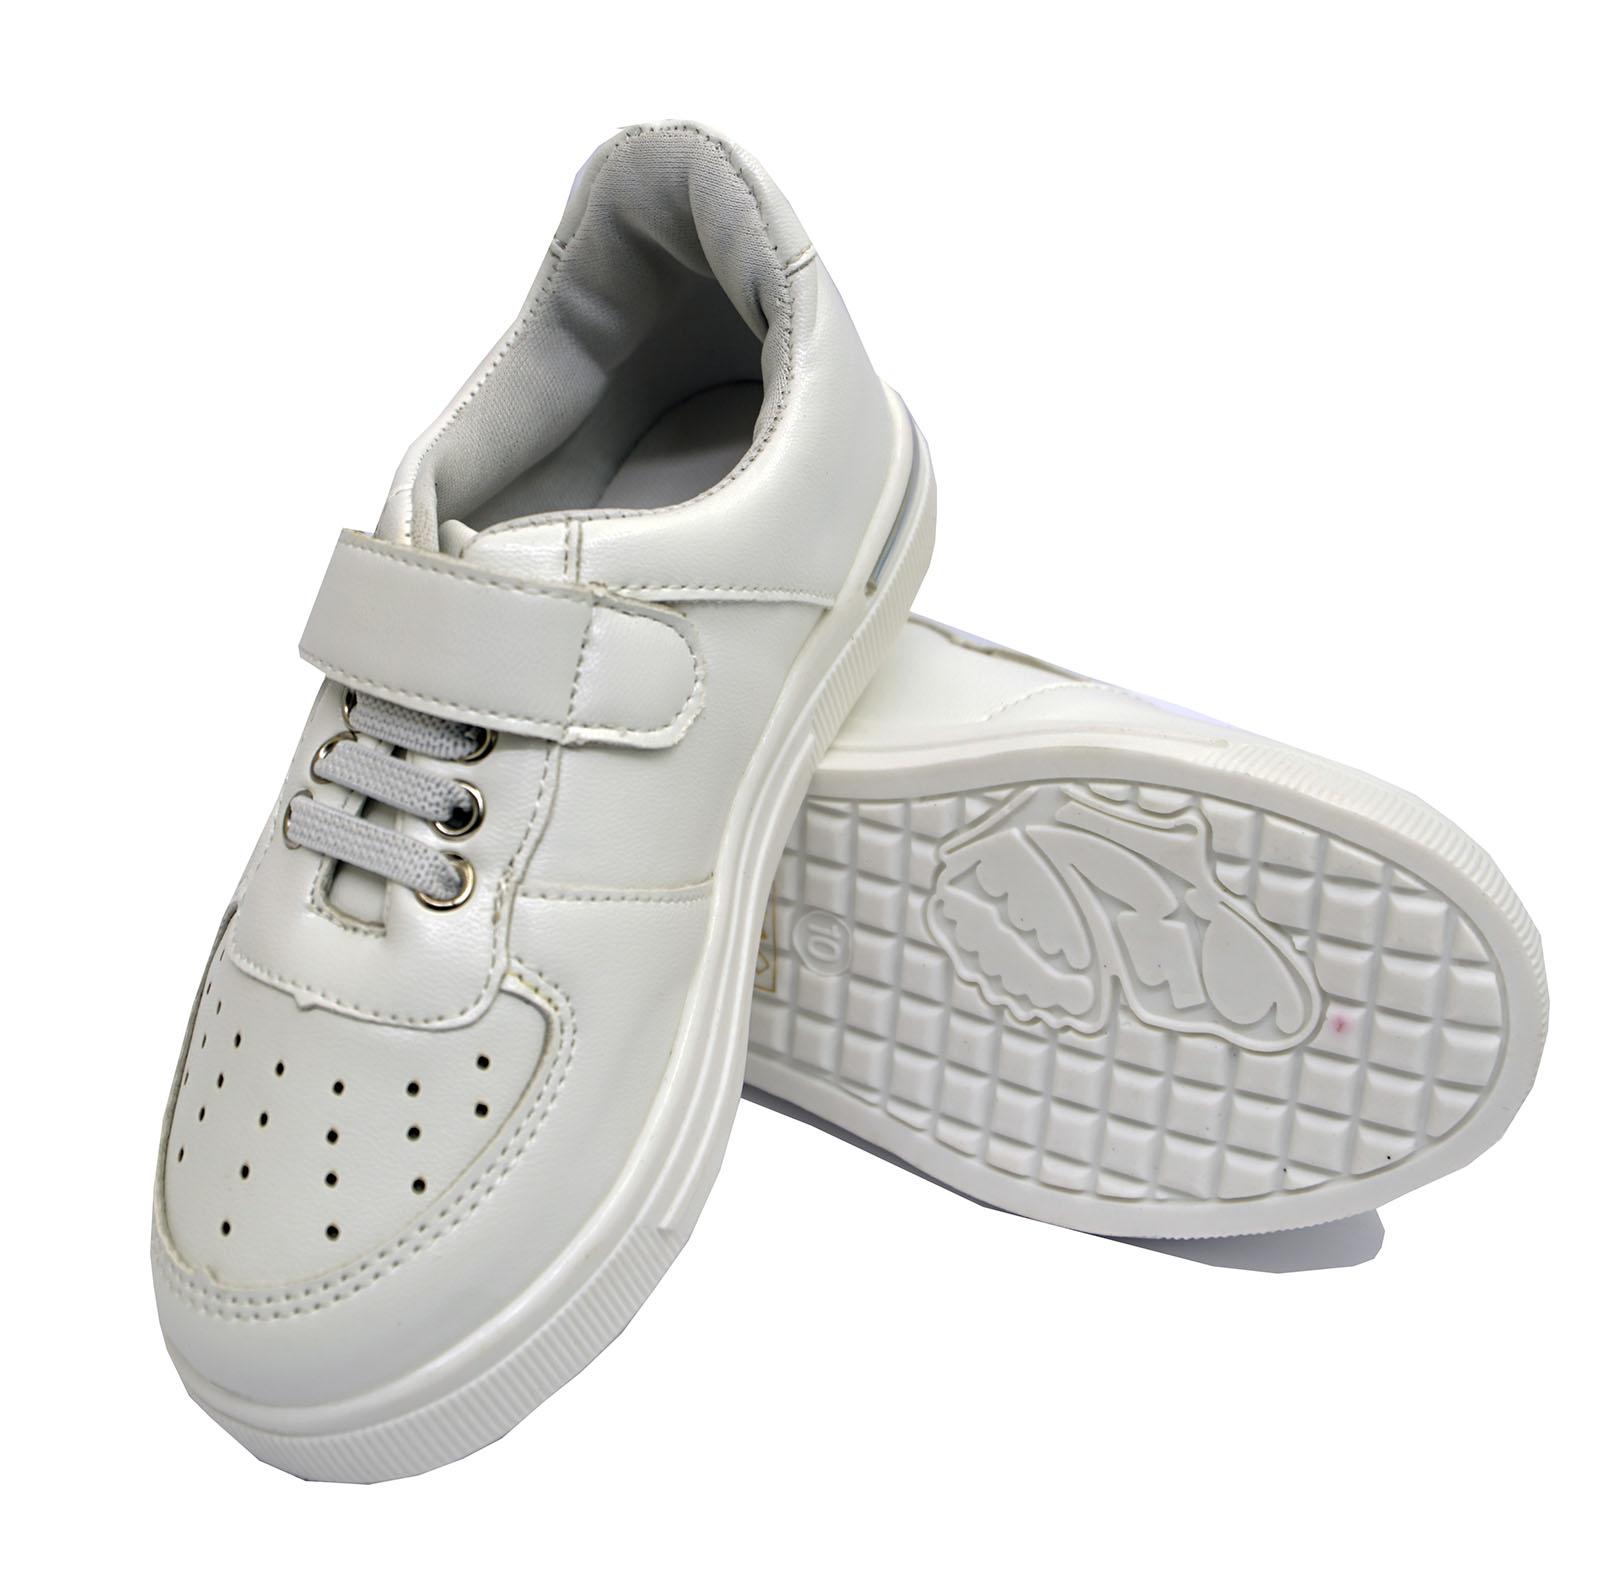 Chicas chicos niños Childrens Blanca Casual Deportes Zapatillas Zapatos Playera Zapatos De Salón 8-2